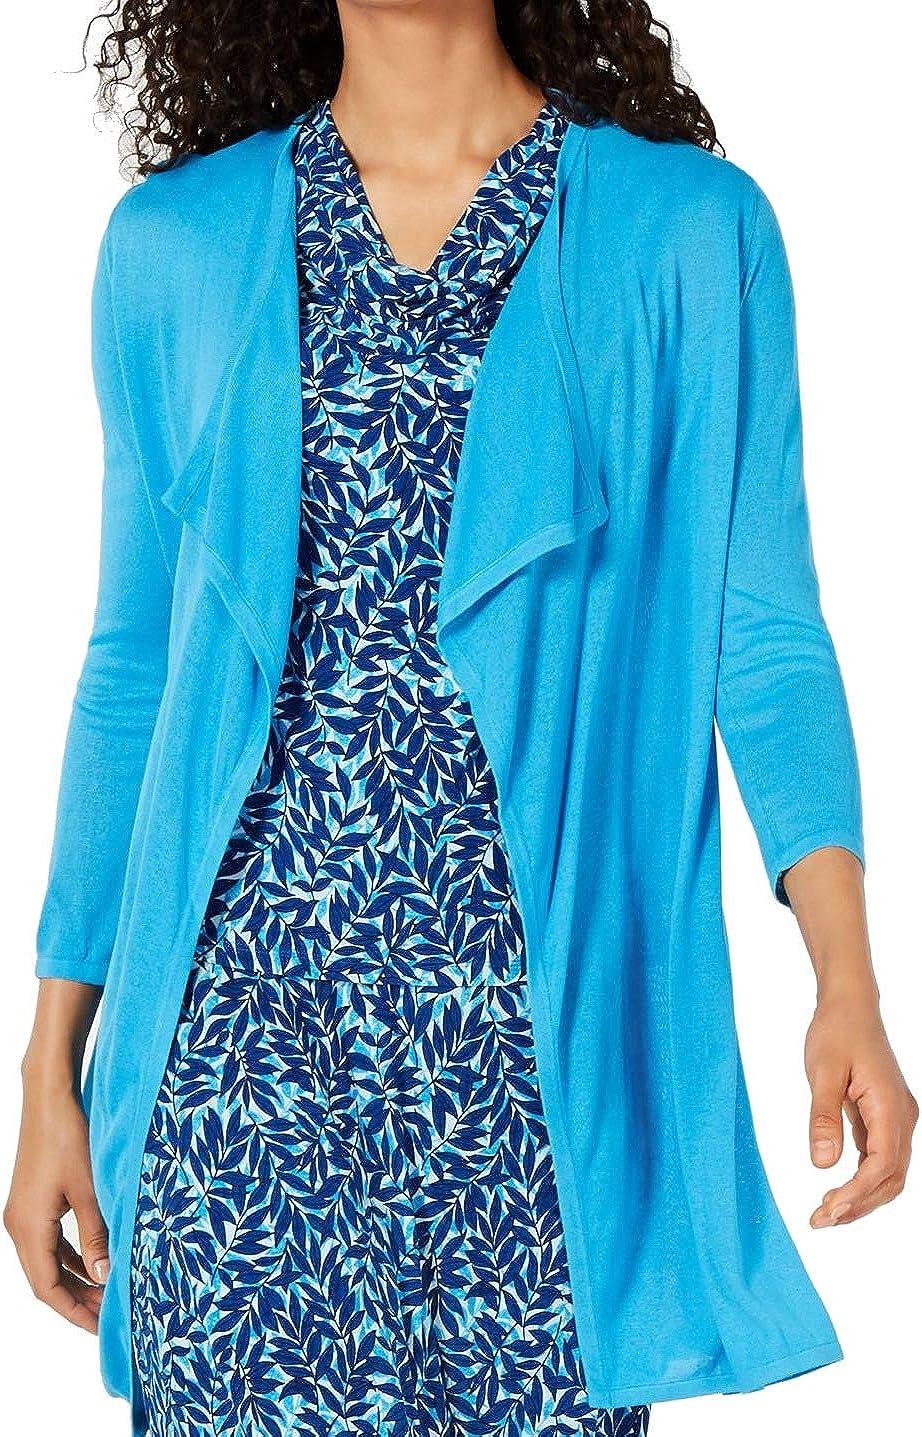 Kasper Women's 3/4 Sleeve Long Cardigan with Side Slits